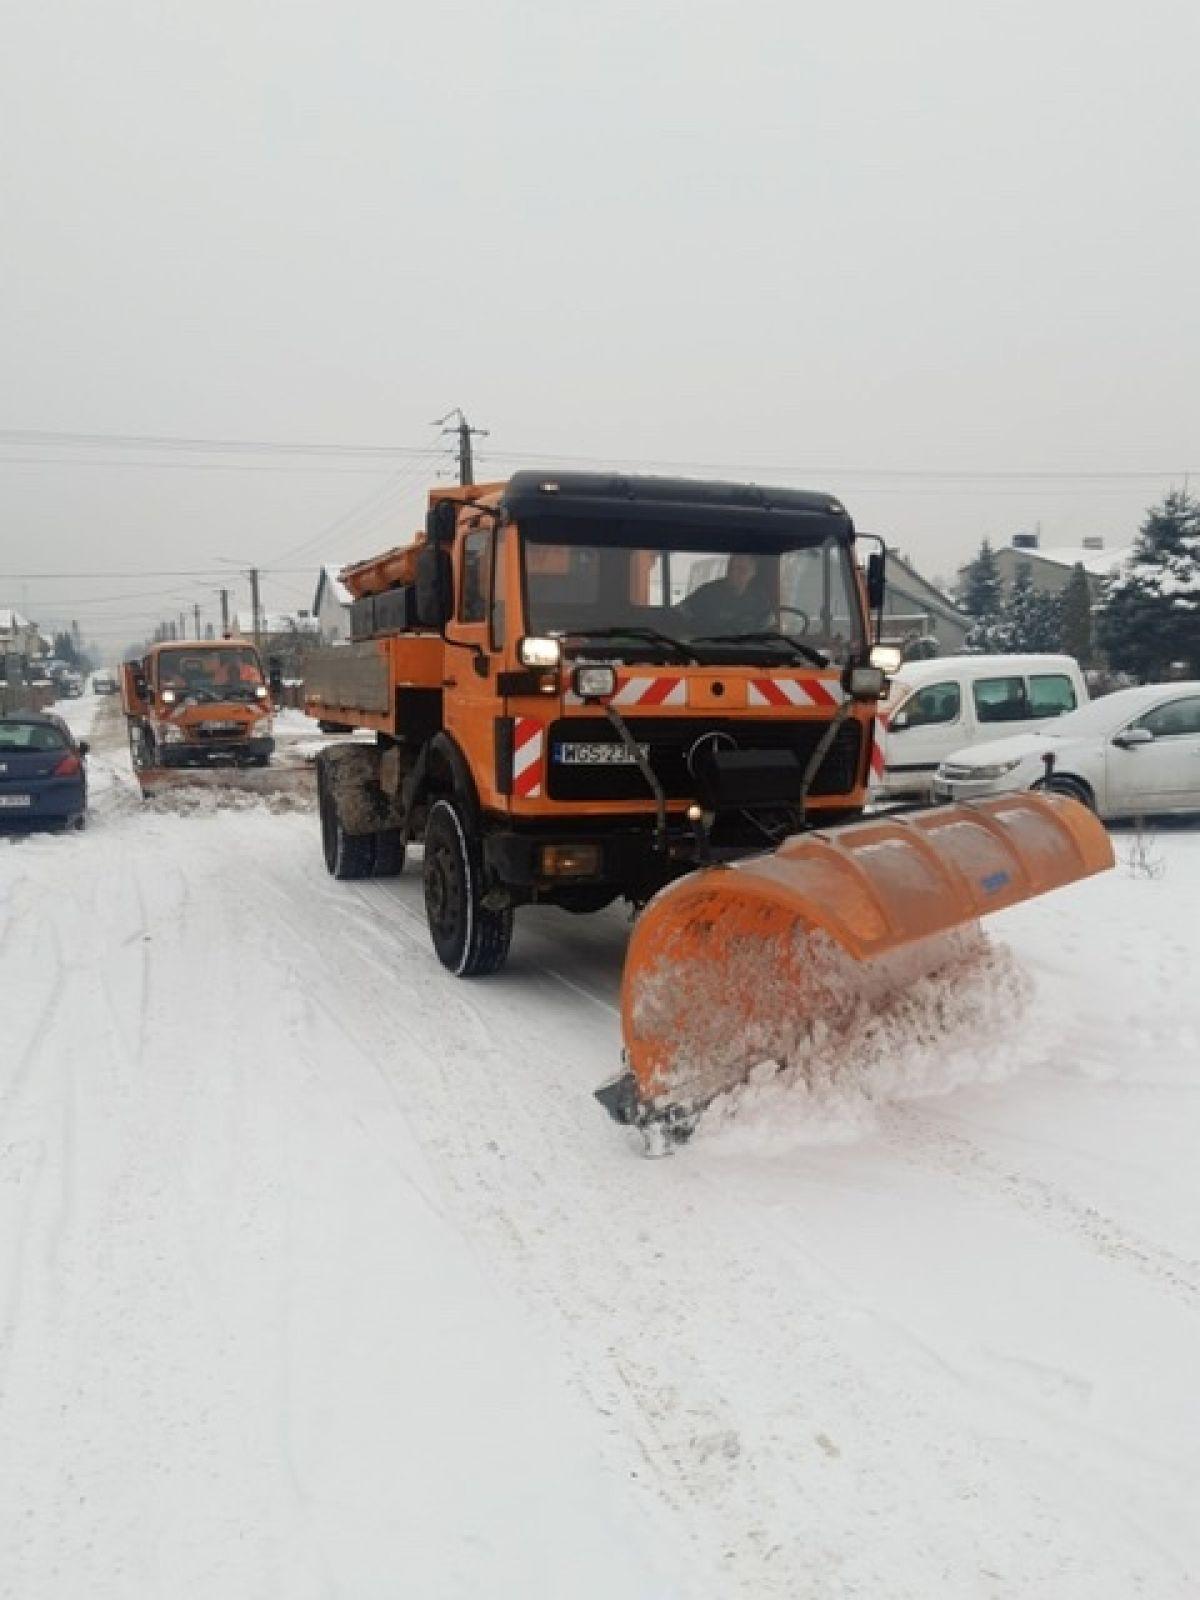 [ZDJĘCIA] Na gostynińskich ulicach trwa akcja Zima - Zdjęcie główne